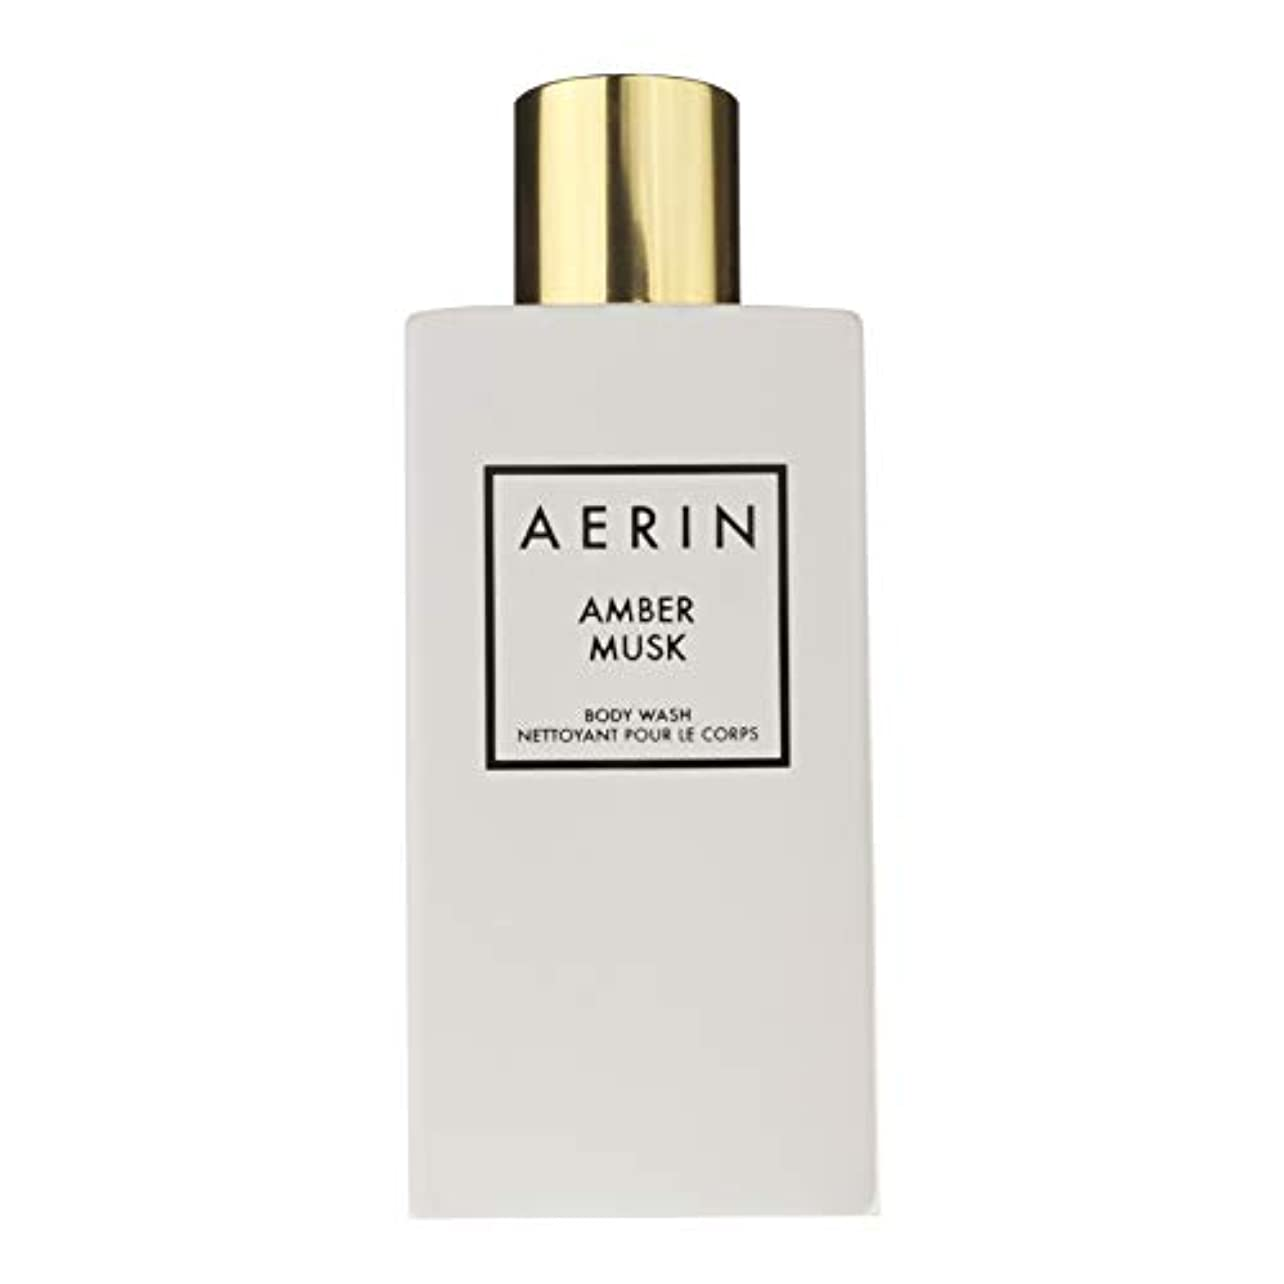 生幻想的風味AERIN 'Amber Musk' (アエリン アンバームスク) 7.6 oz (228ml) Body Wash ボディーウオッシュ by Estee Lauder